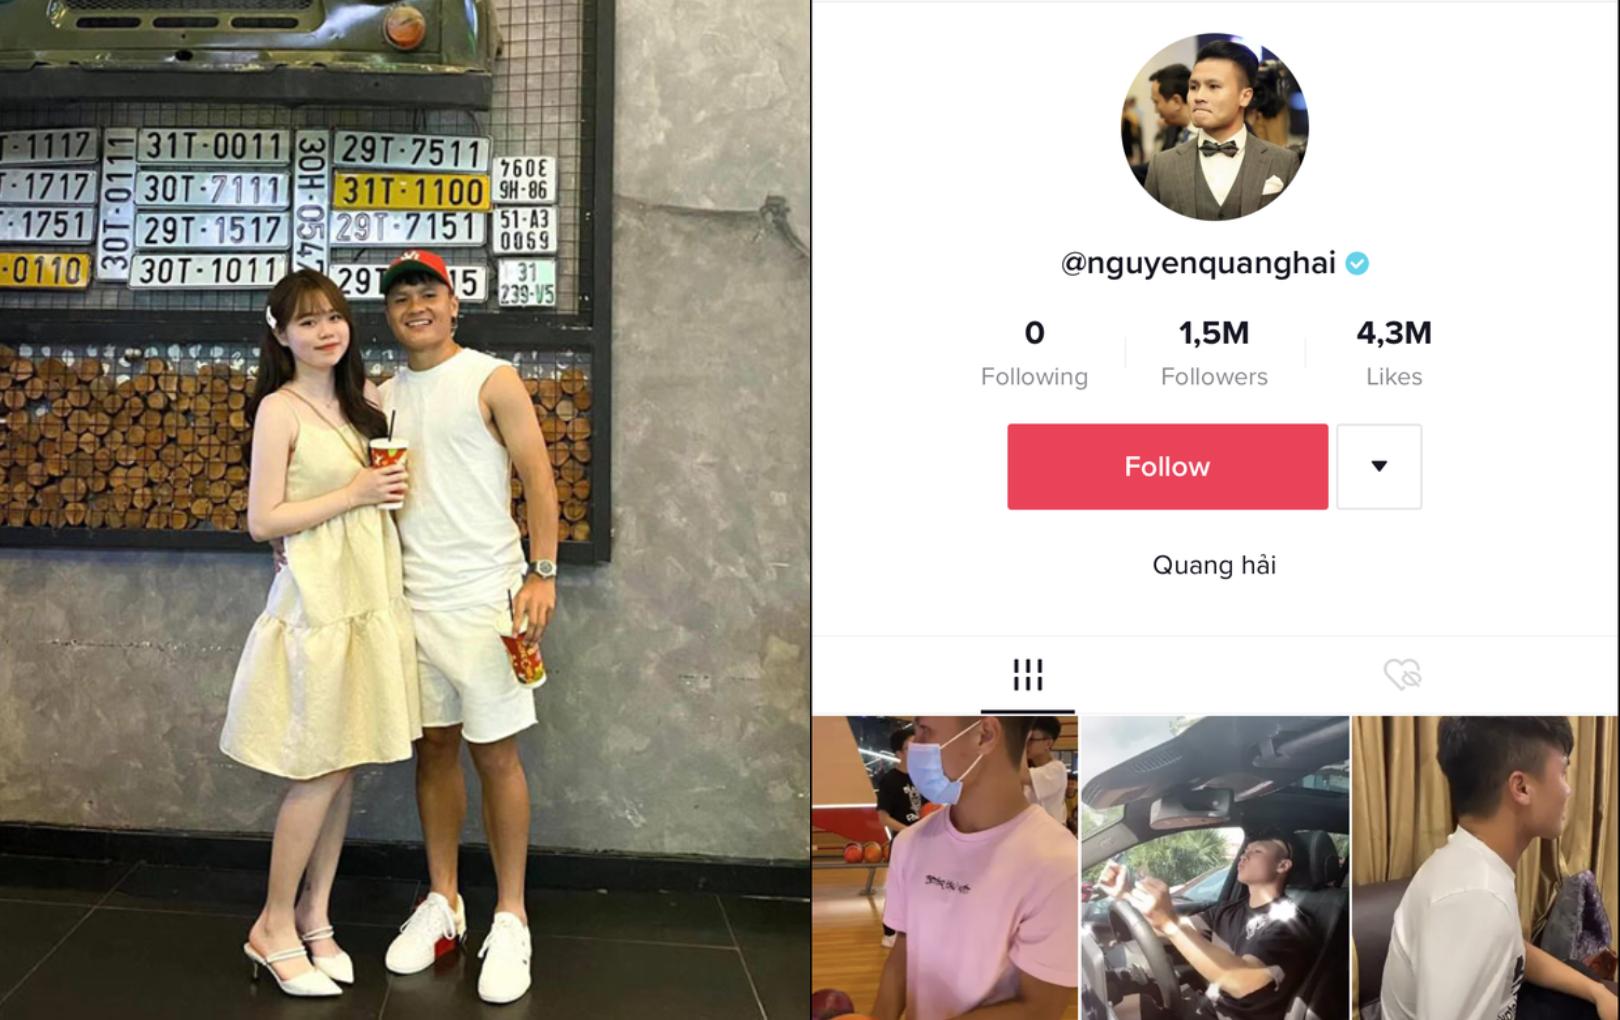 """Quang Hải rời khỏi hội """"chỉ follow mình em"""" trên TikTok, xóa bức ảnh cuối cùng trên Facebook với Huỳnh Anh"""